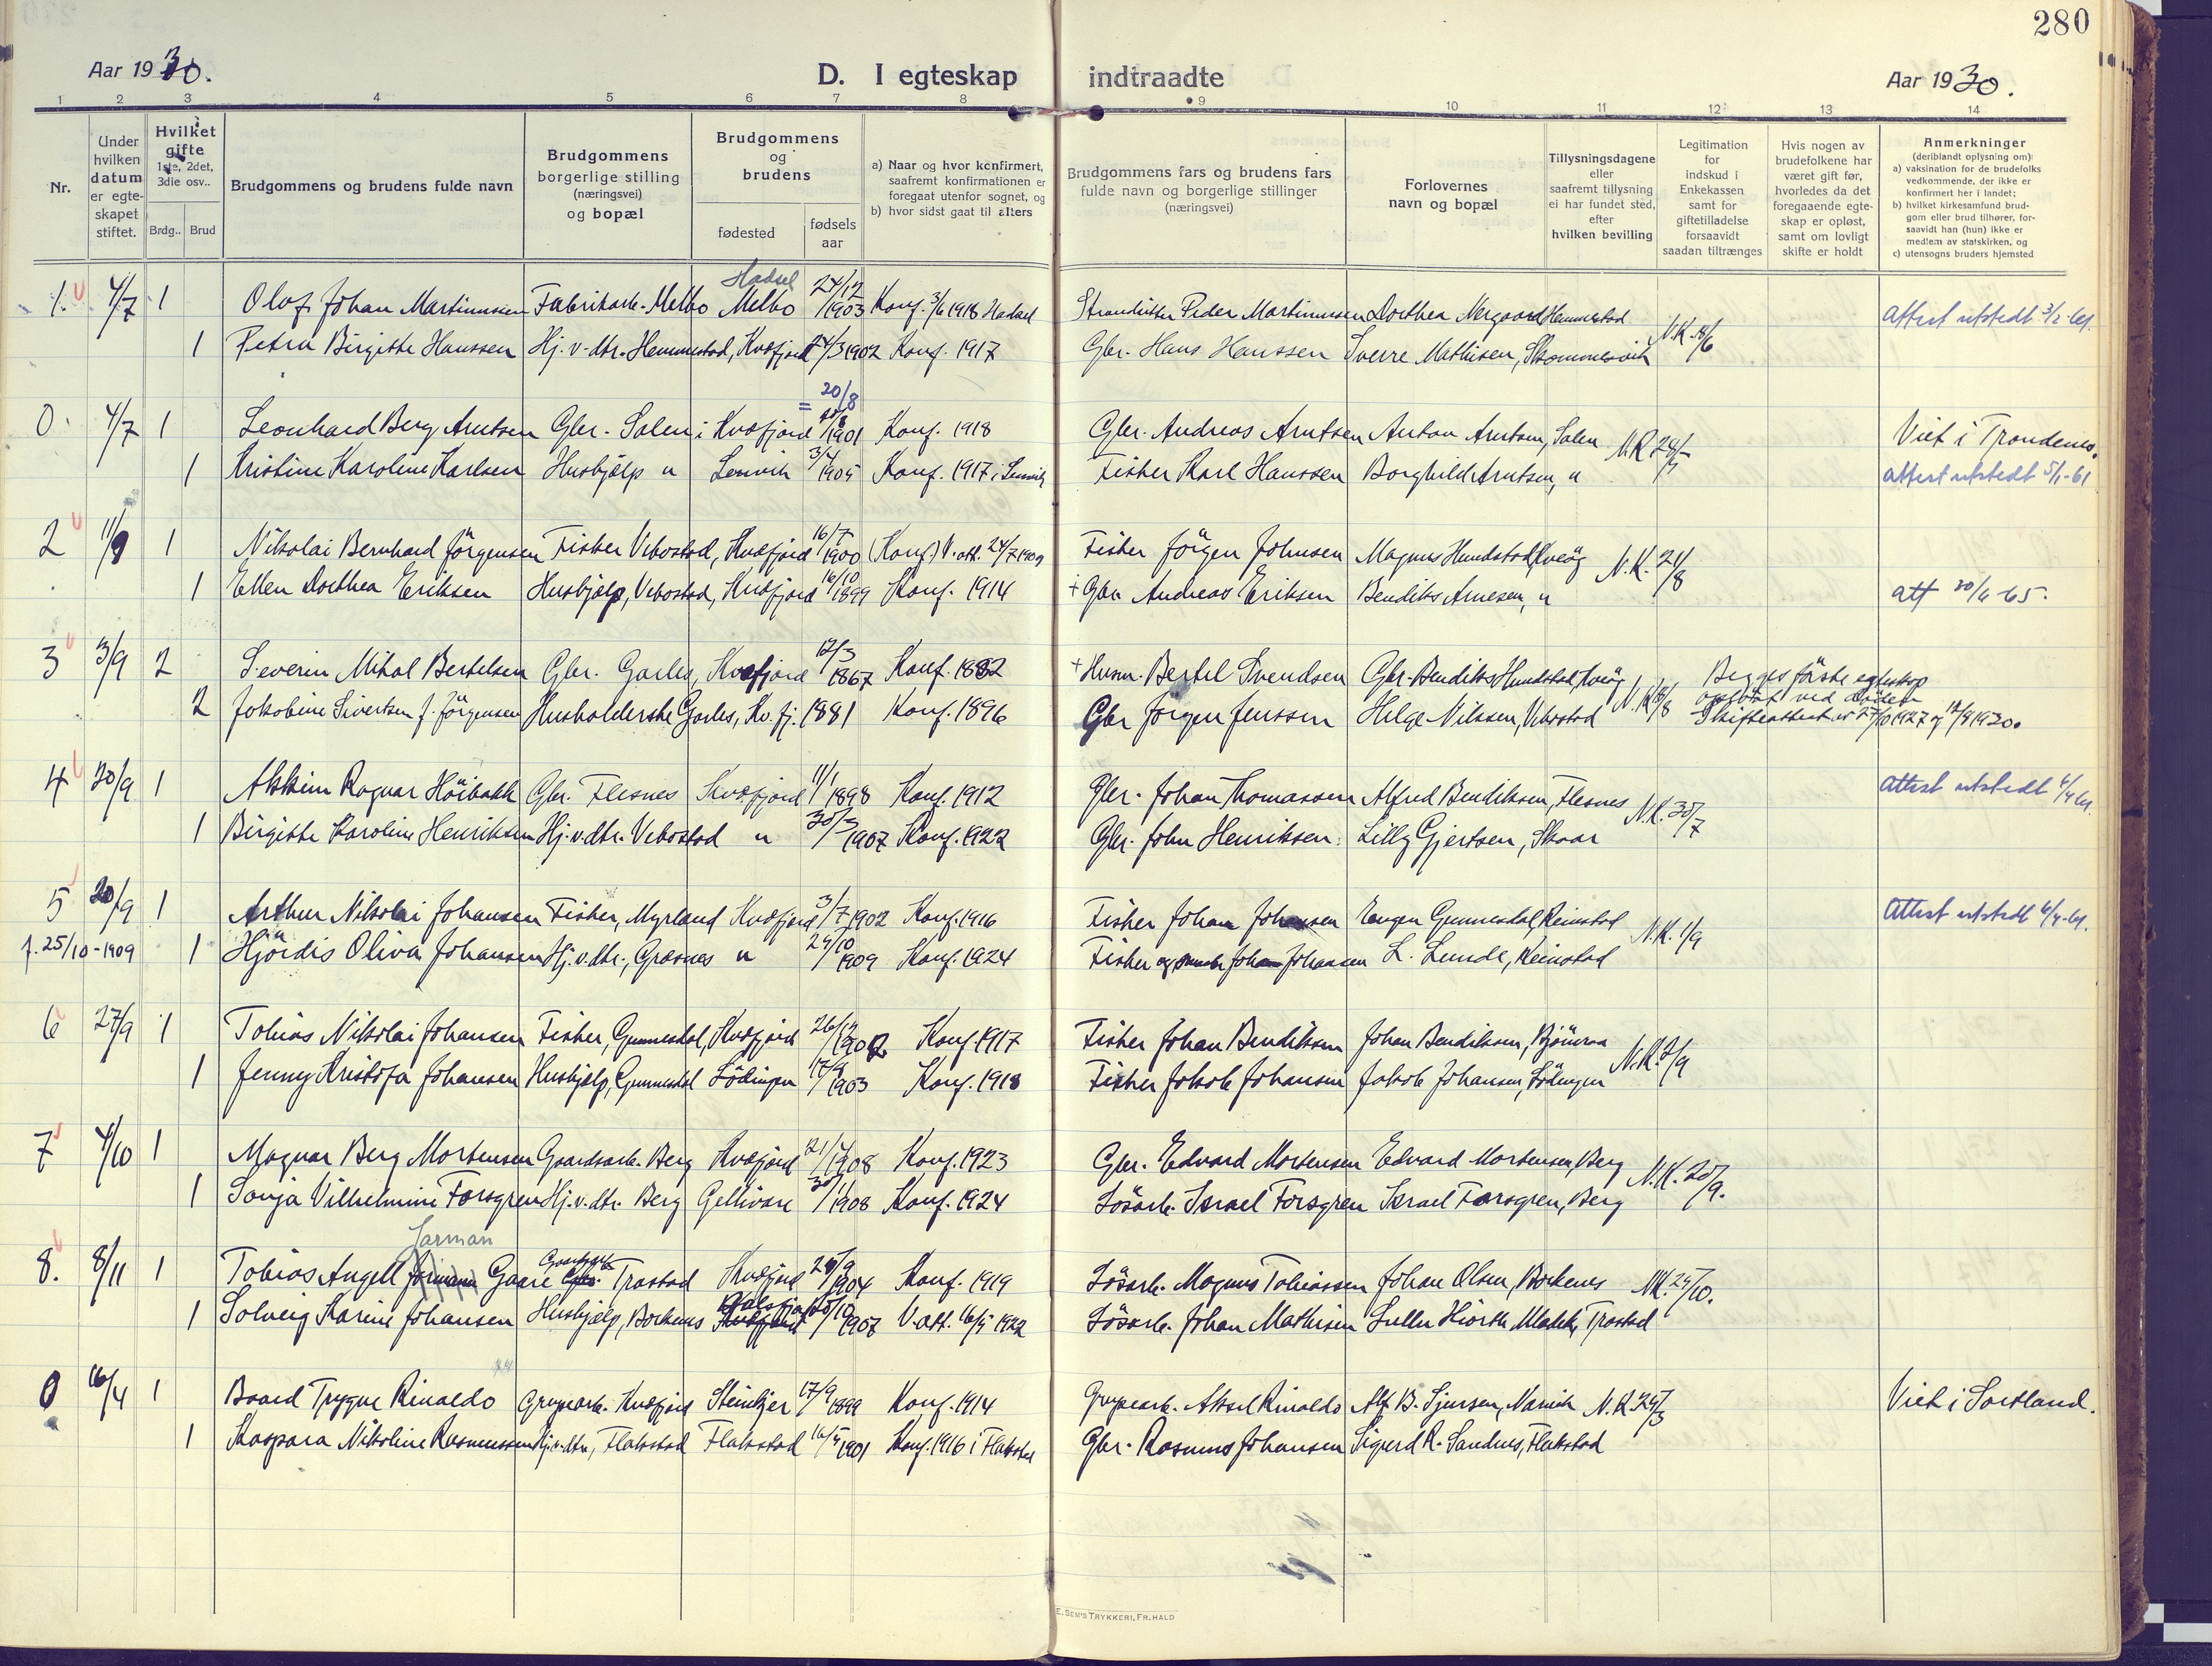 SATØ, Kvæfjord sokneprestkontor, G/Ga/Gaa/L0007kirke: Ministerialbok nr. 7, 1915-1931, s. 280